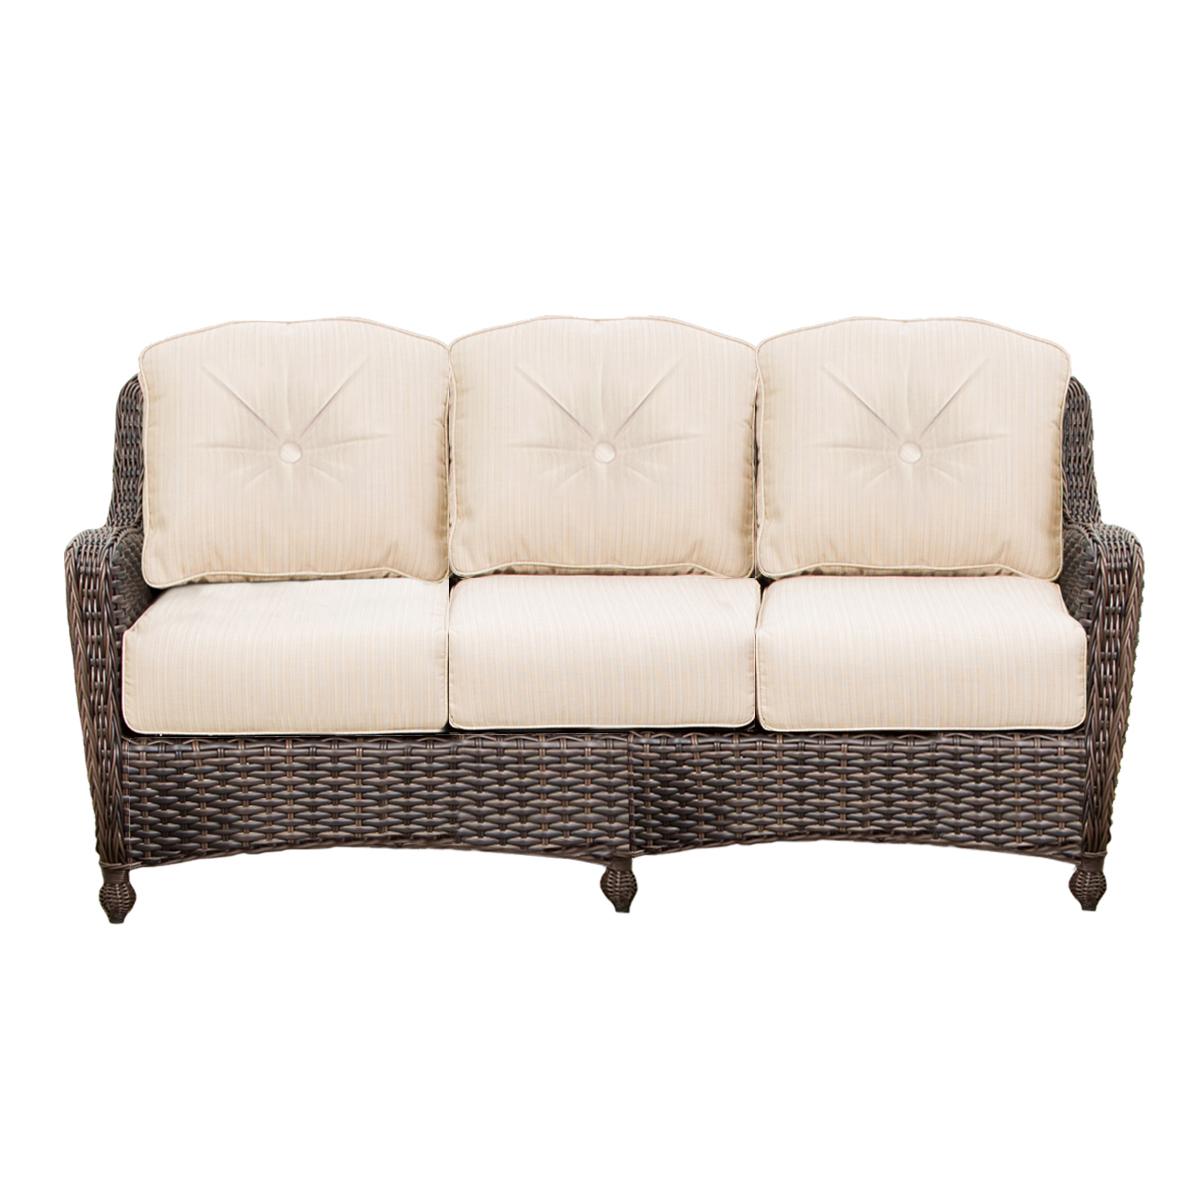 AVALON SOFA RC1654 GRADE A $1340.00 GRADE B $1390.00 GRADE C $1450.00